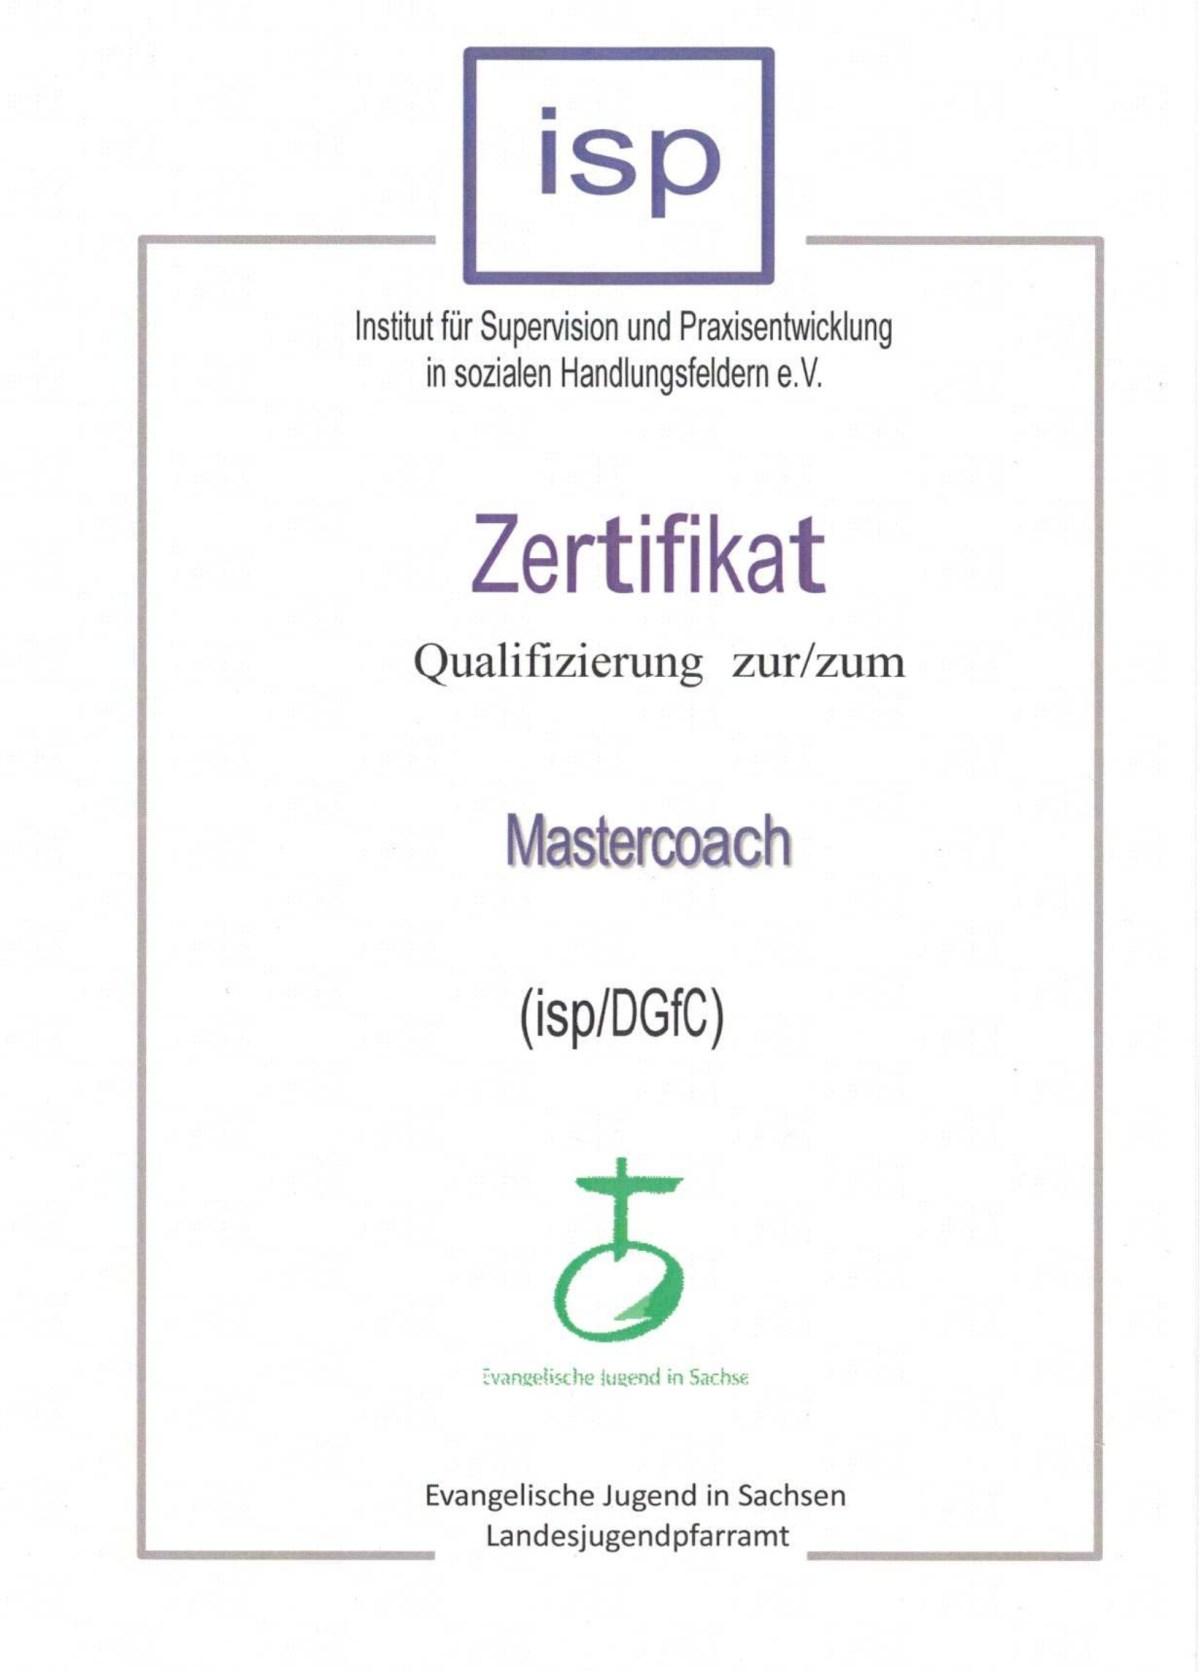 Zertifikat Mastercoach